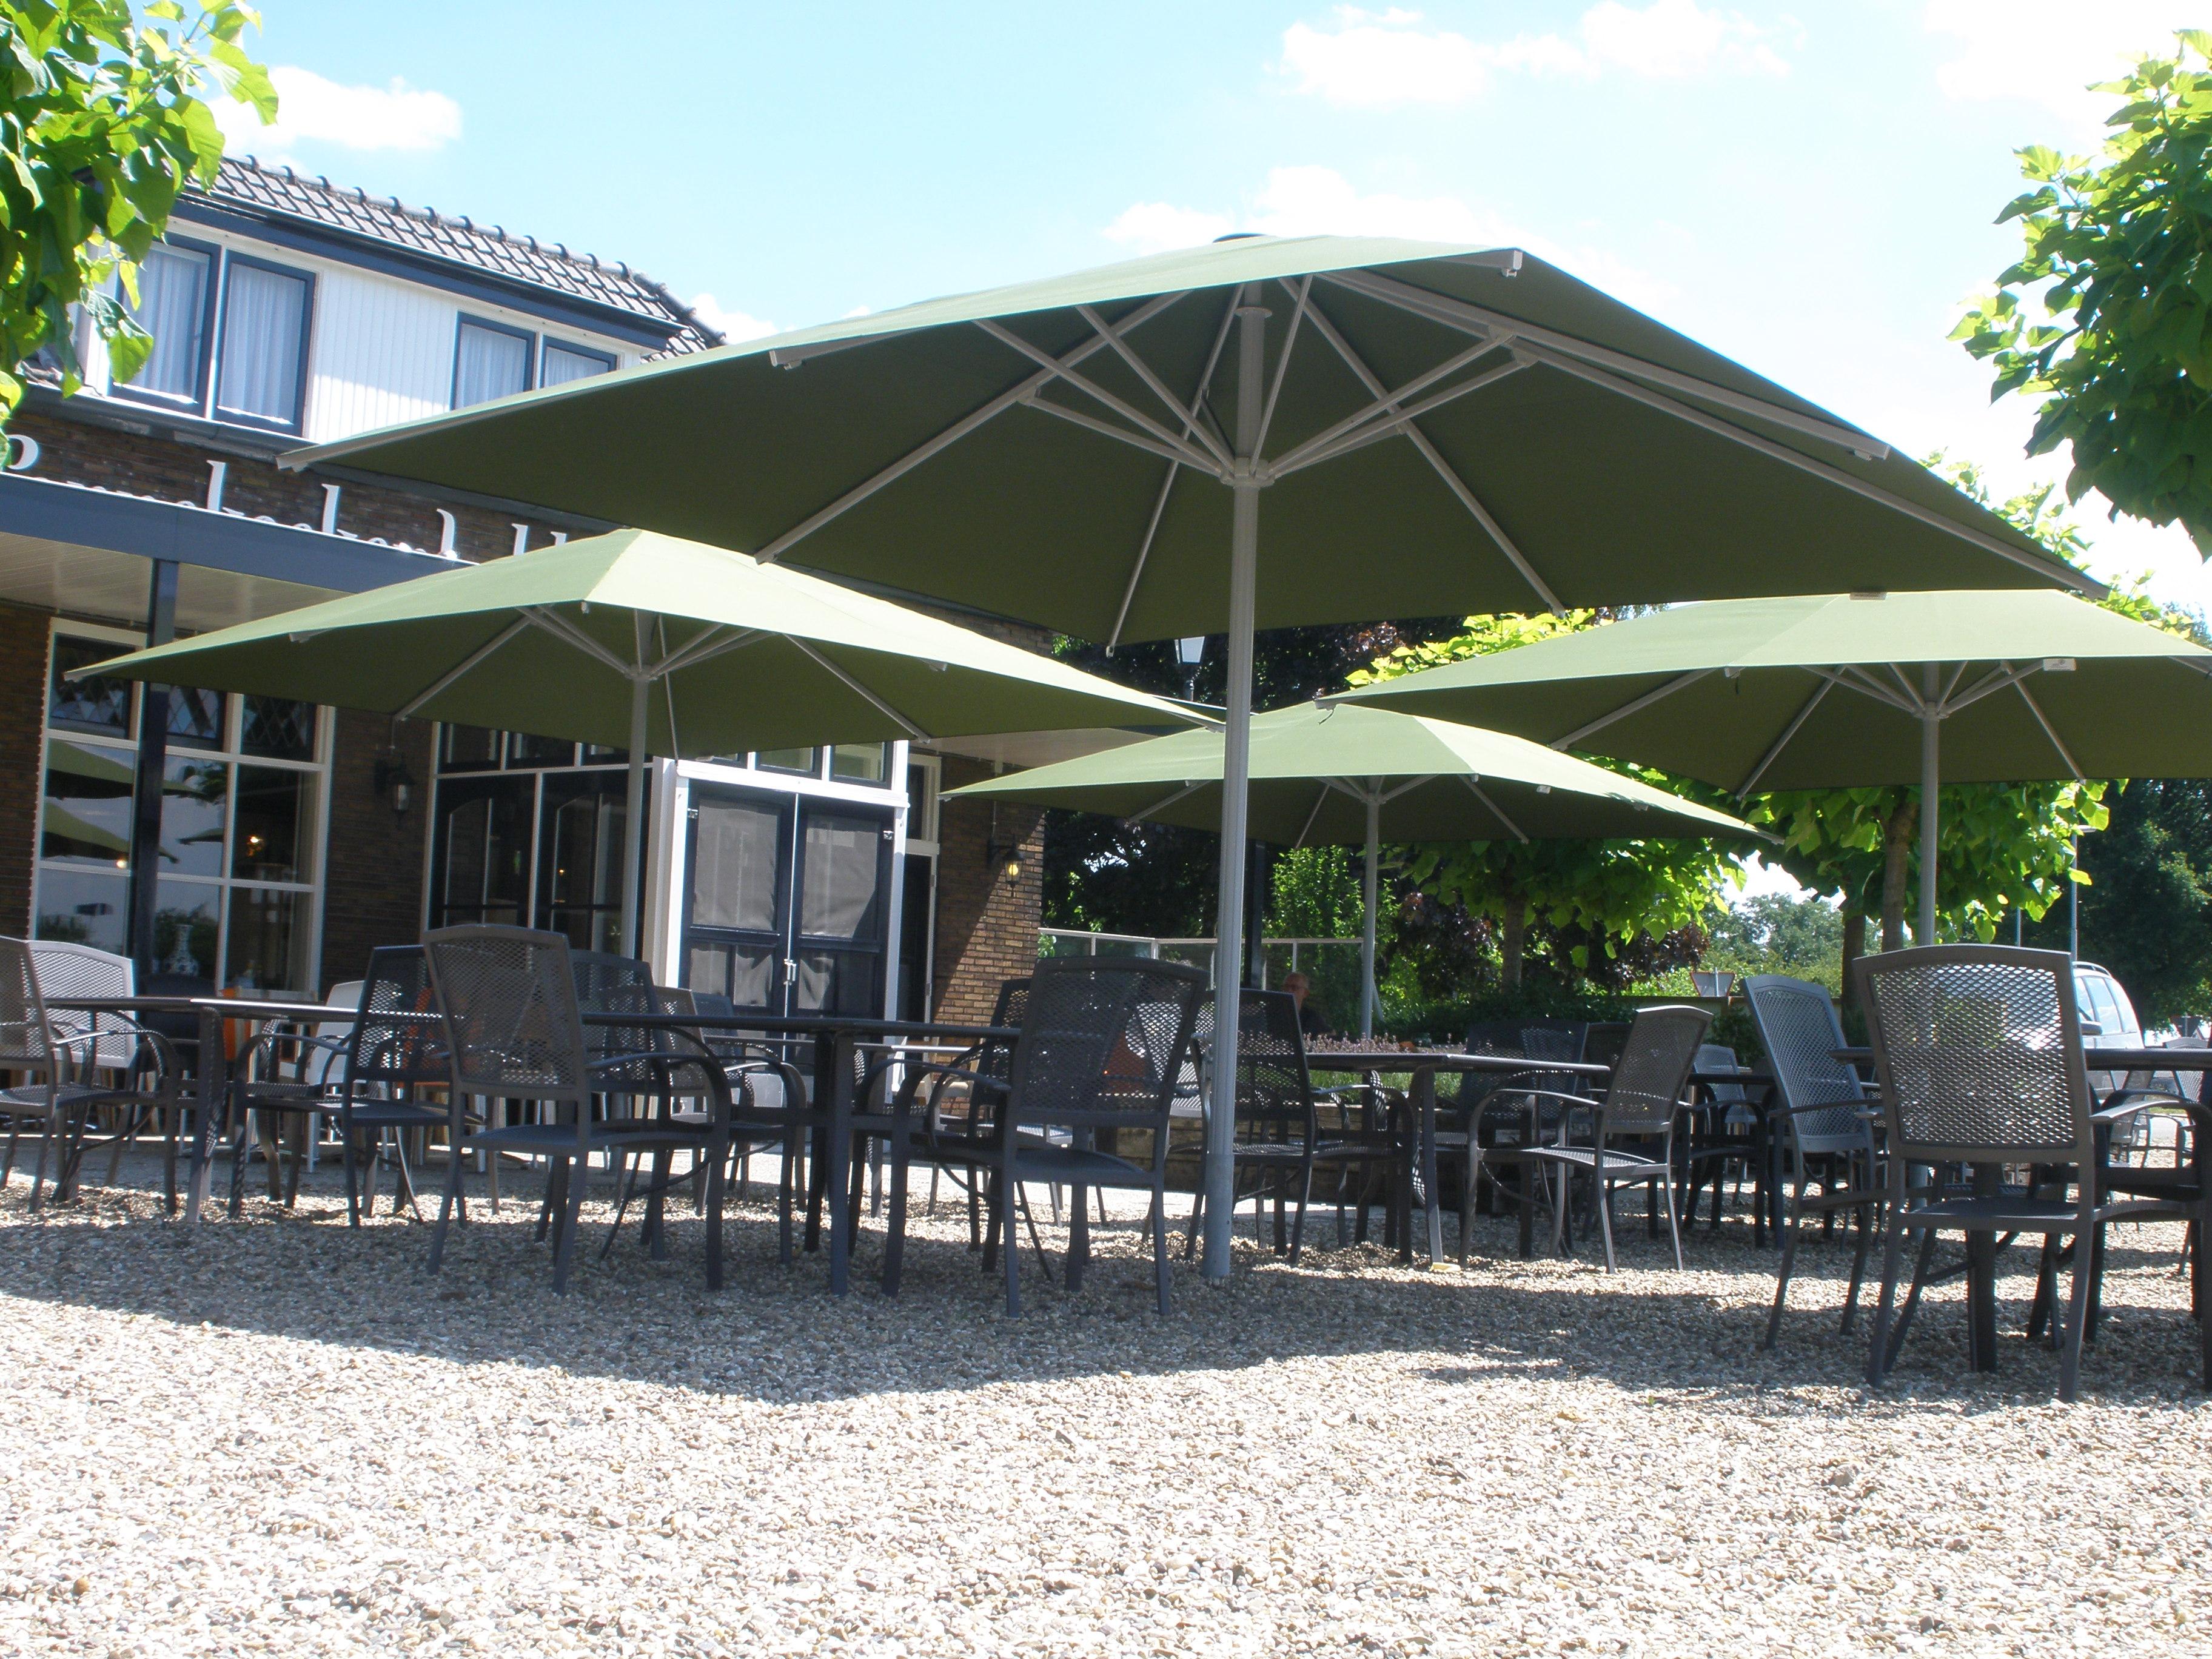 Jochems zonwering parasols jochems zonwering - Terras en tuin ontwikkeling foto ...